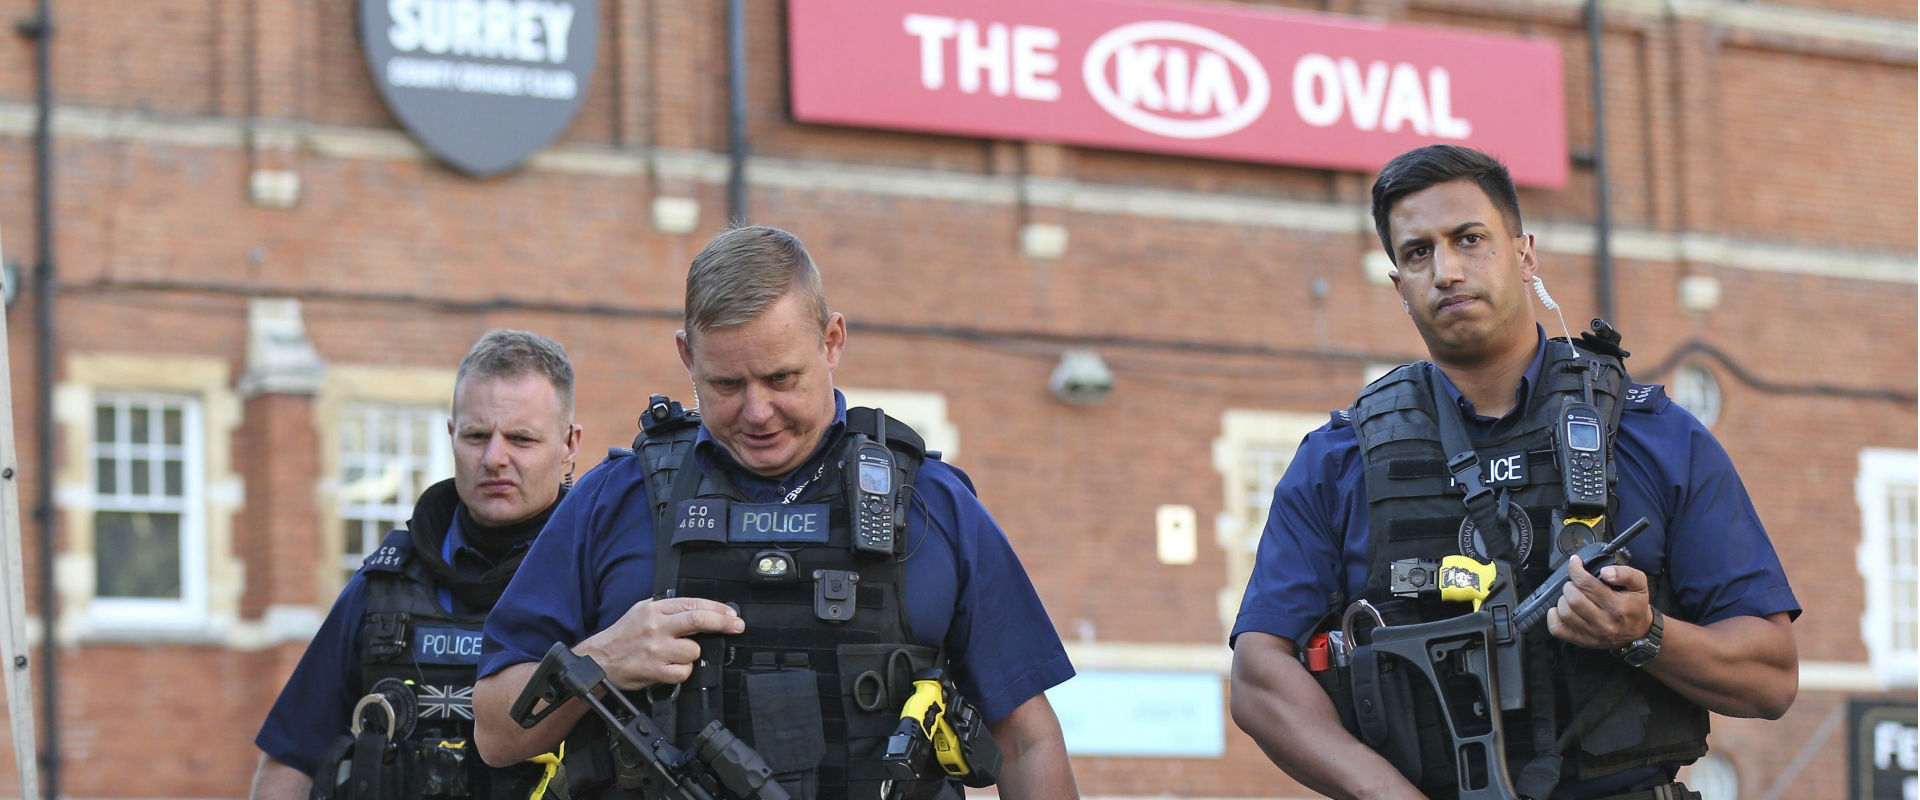 כוחות הביטחון הבריטיים ברחובות לונדון, היום